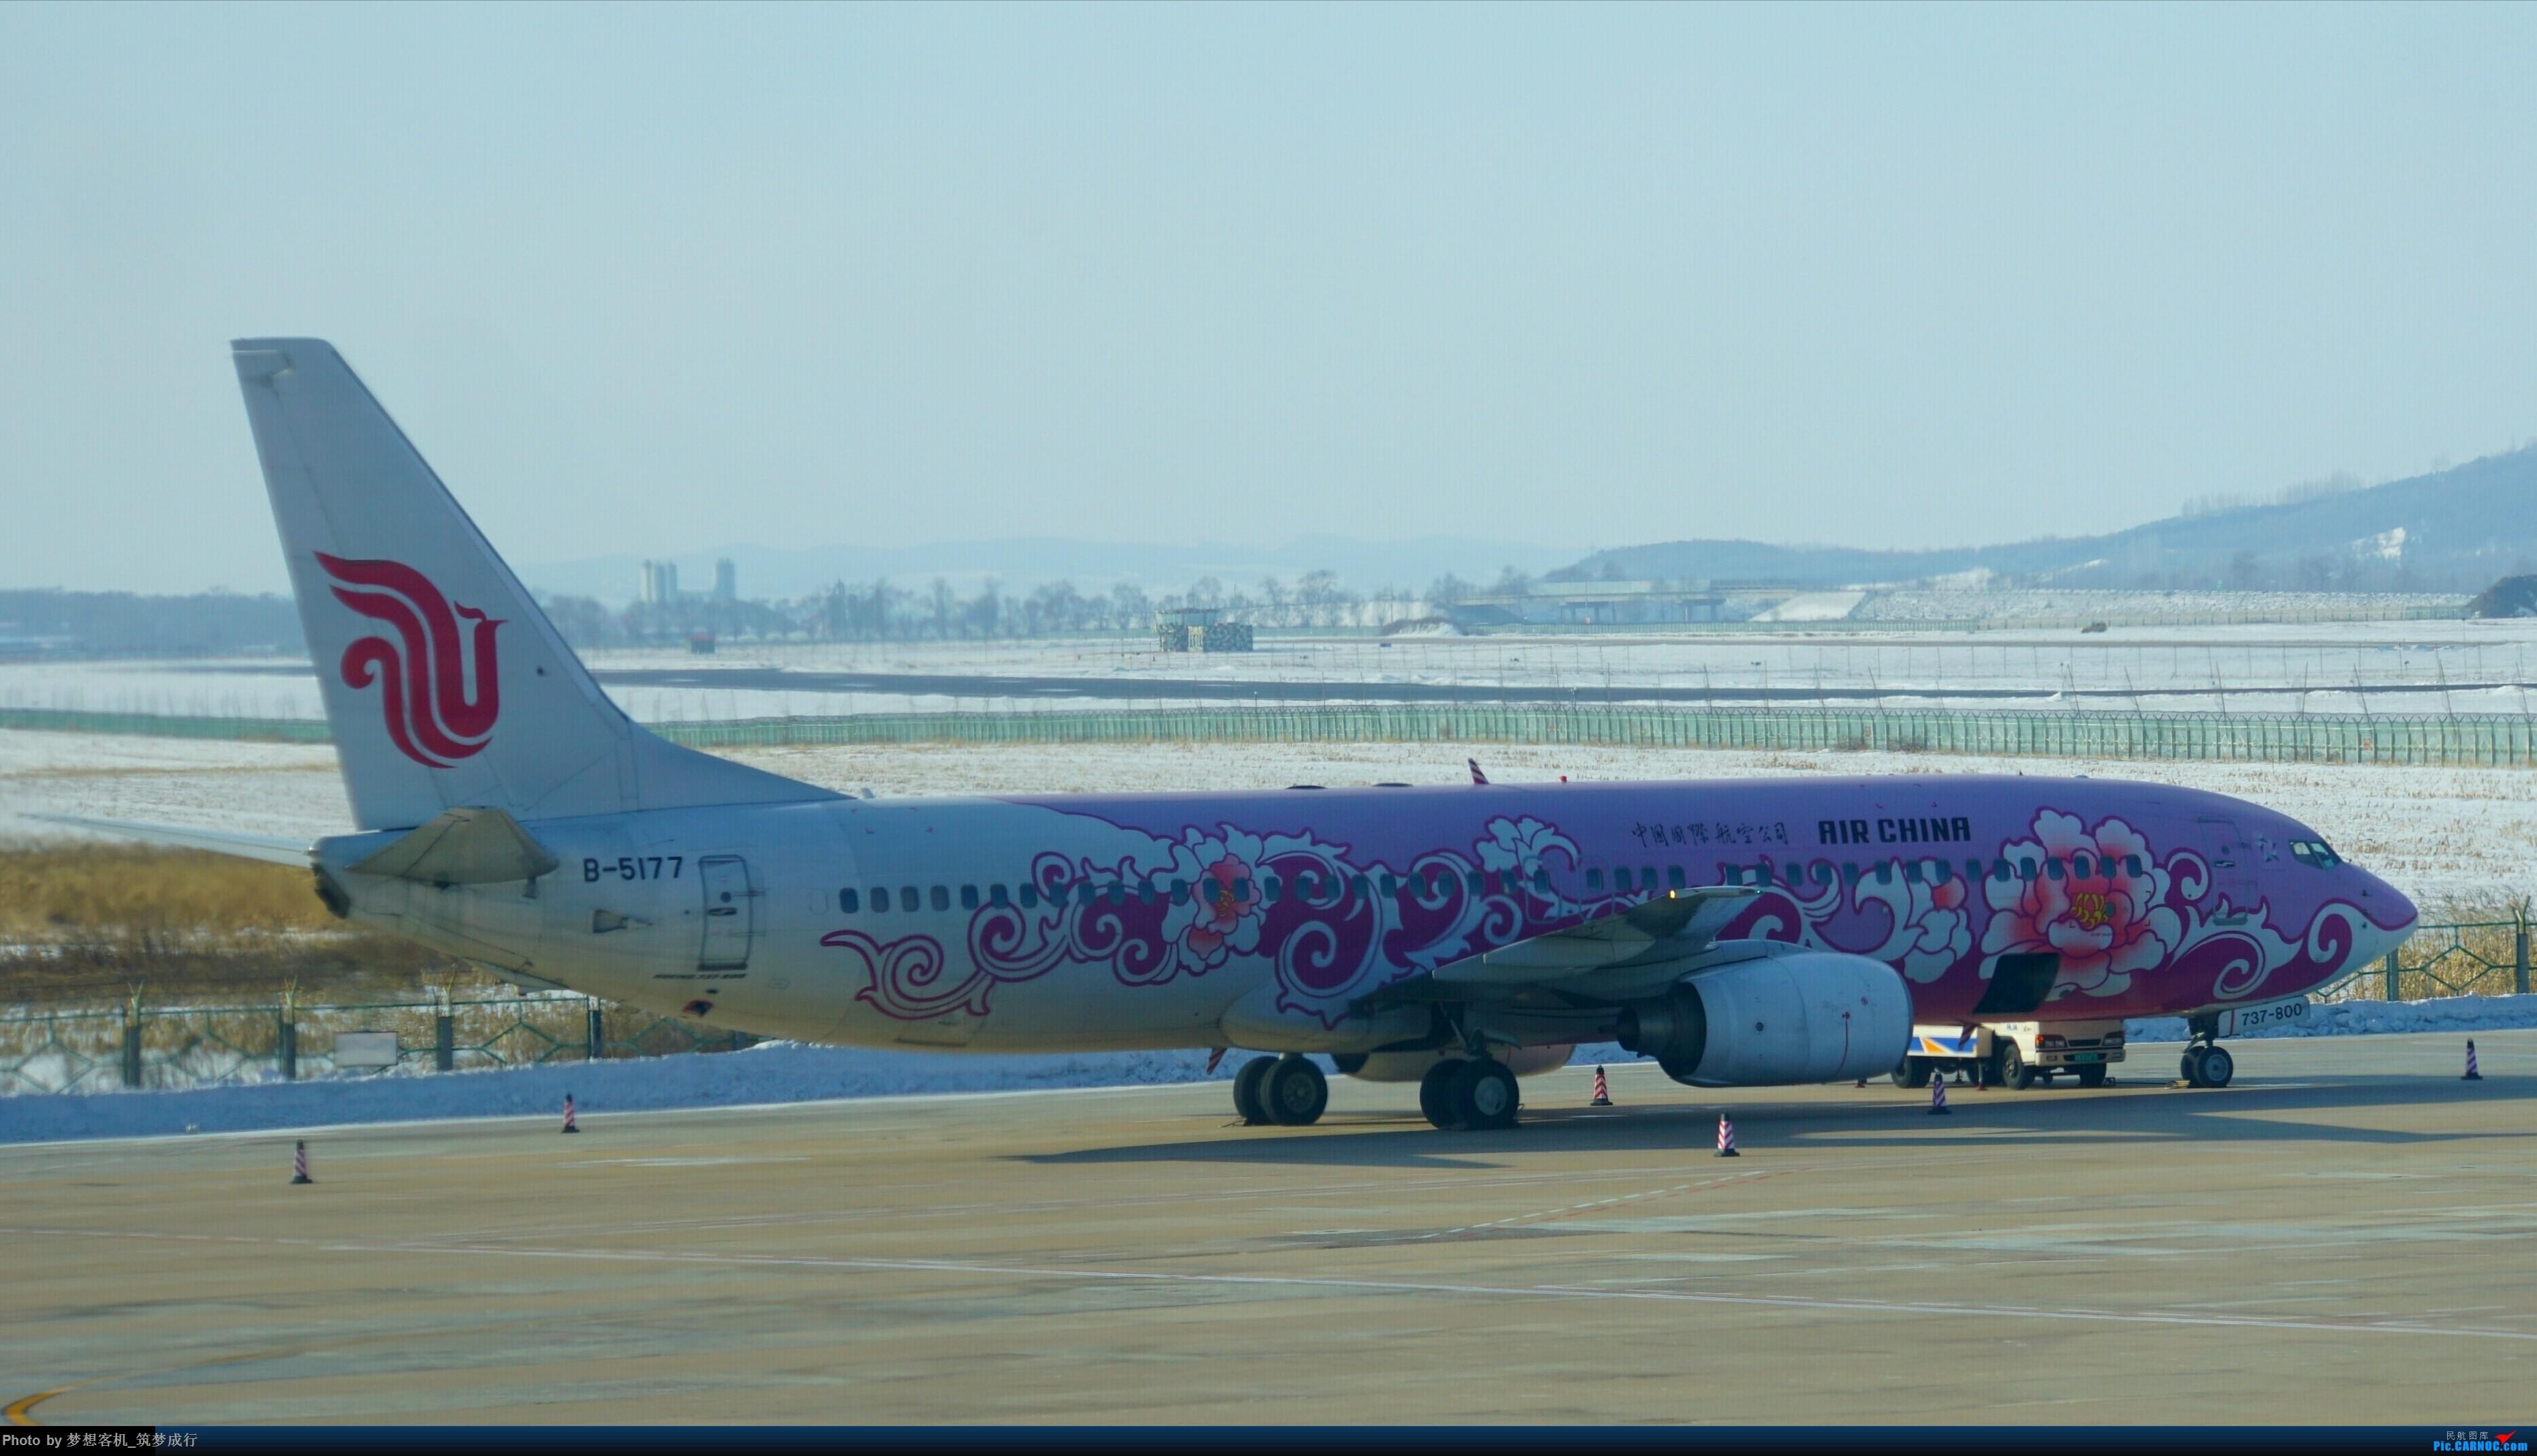 牡丹江海浪机场_re:牡丹号于春节期间降落于牡丹江海浪机场,初见实为激动